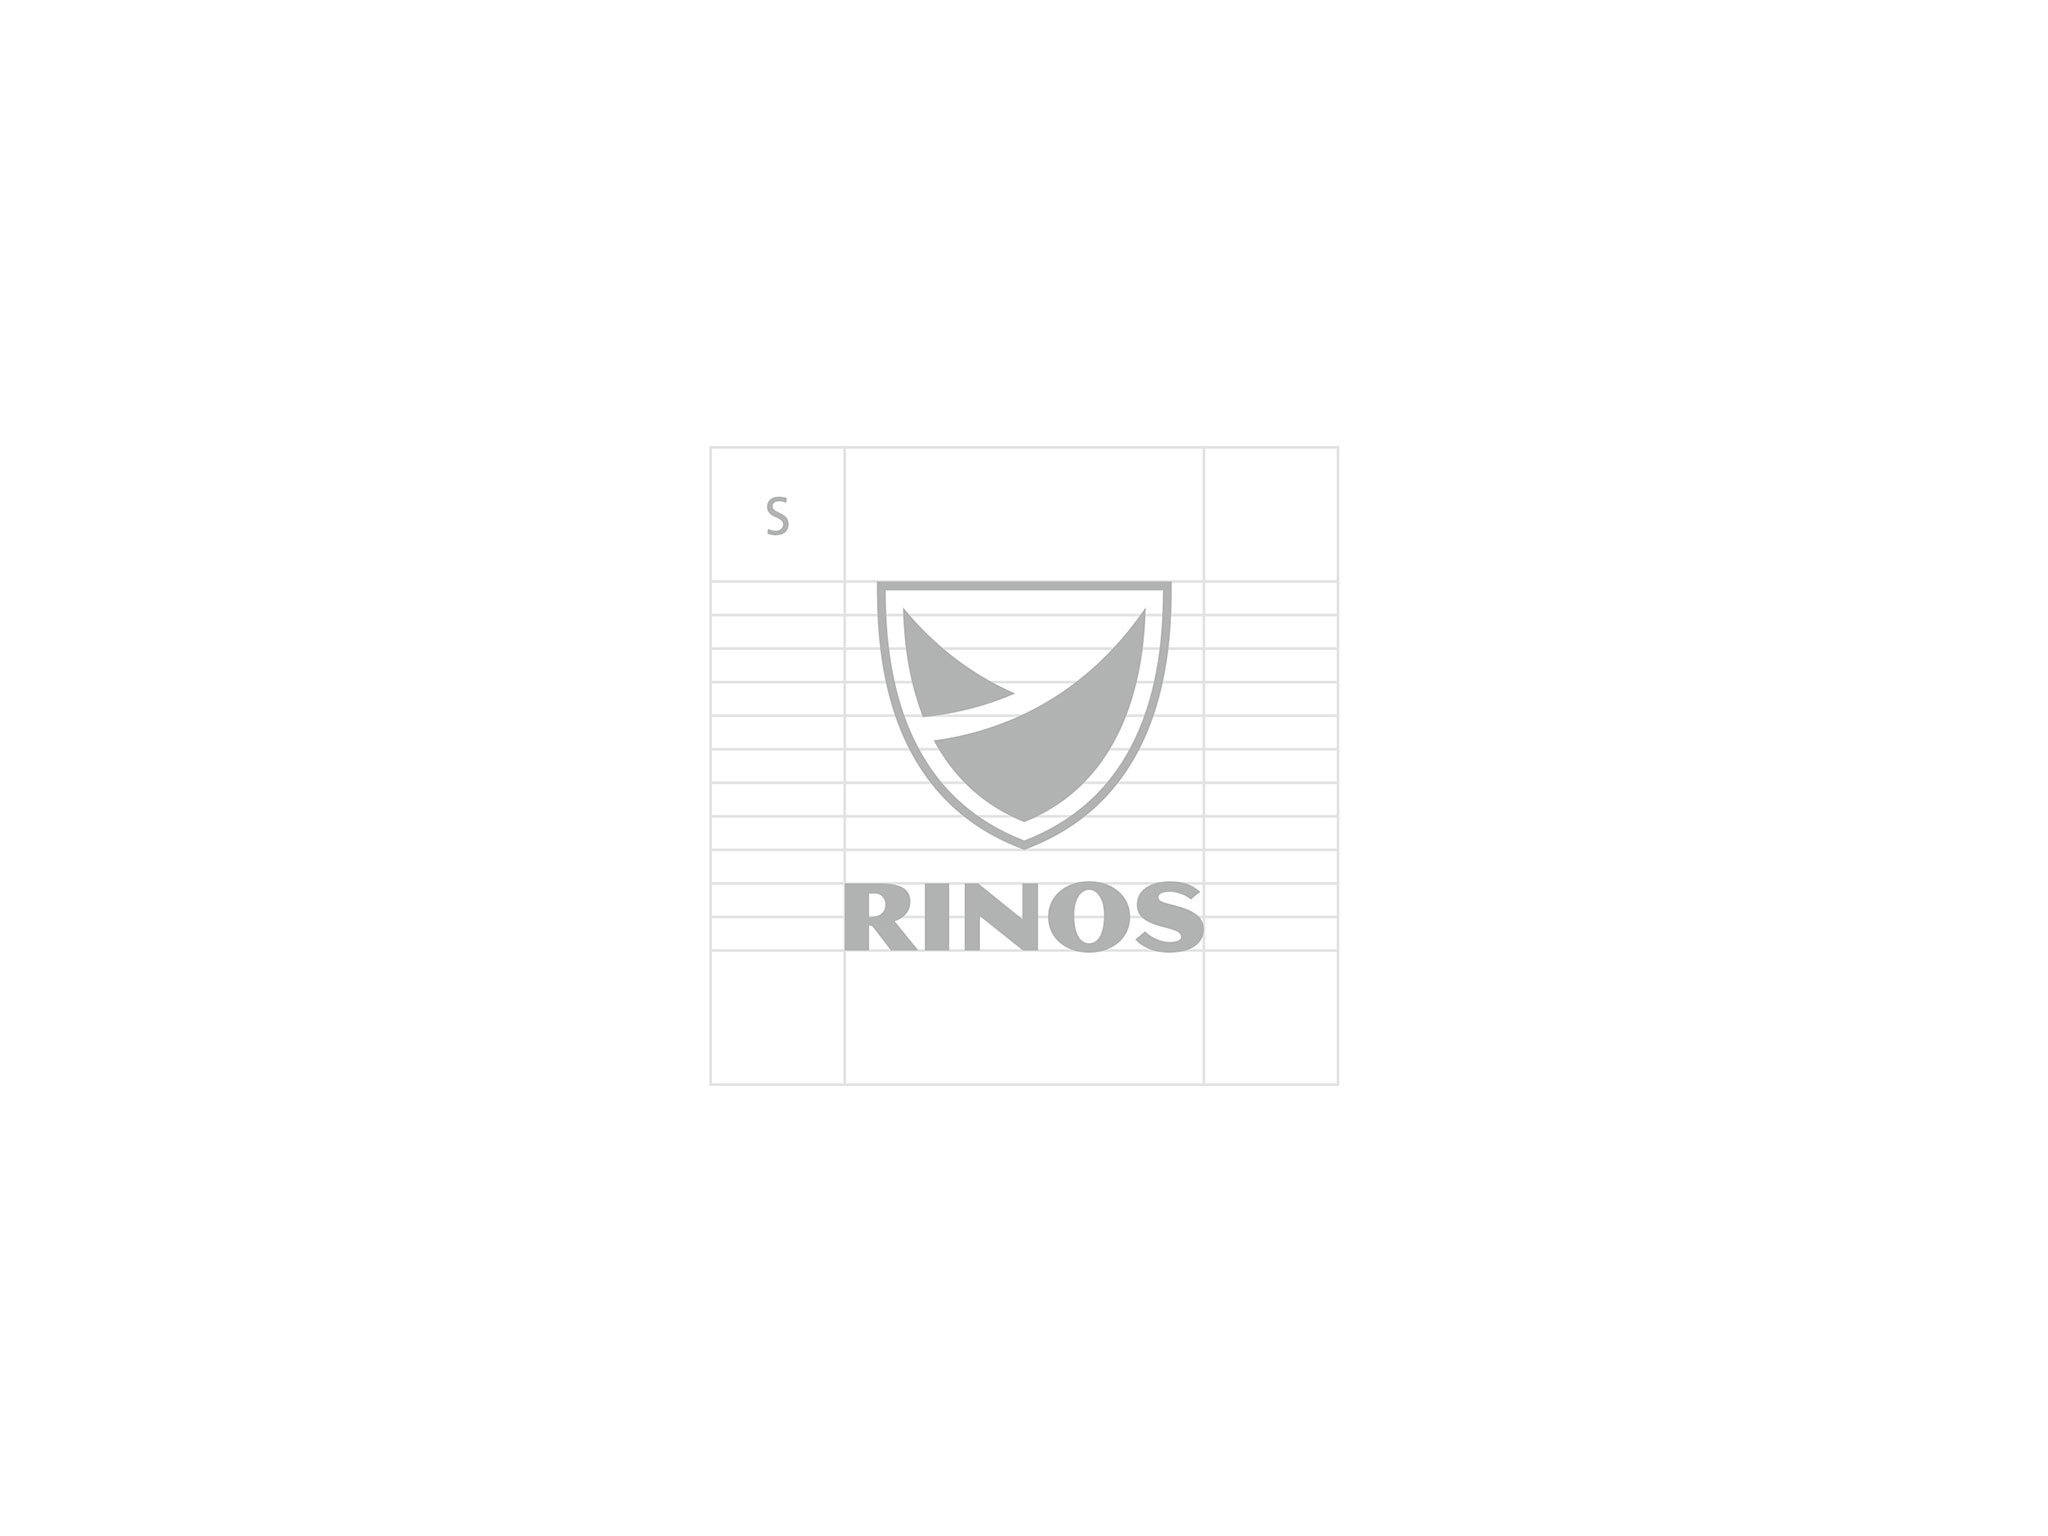 RINOS_LOGO_S